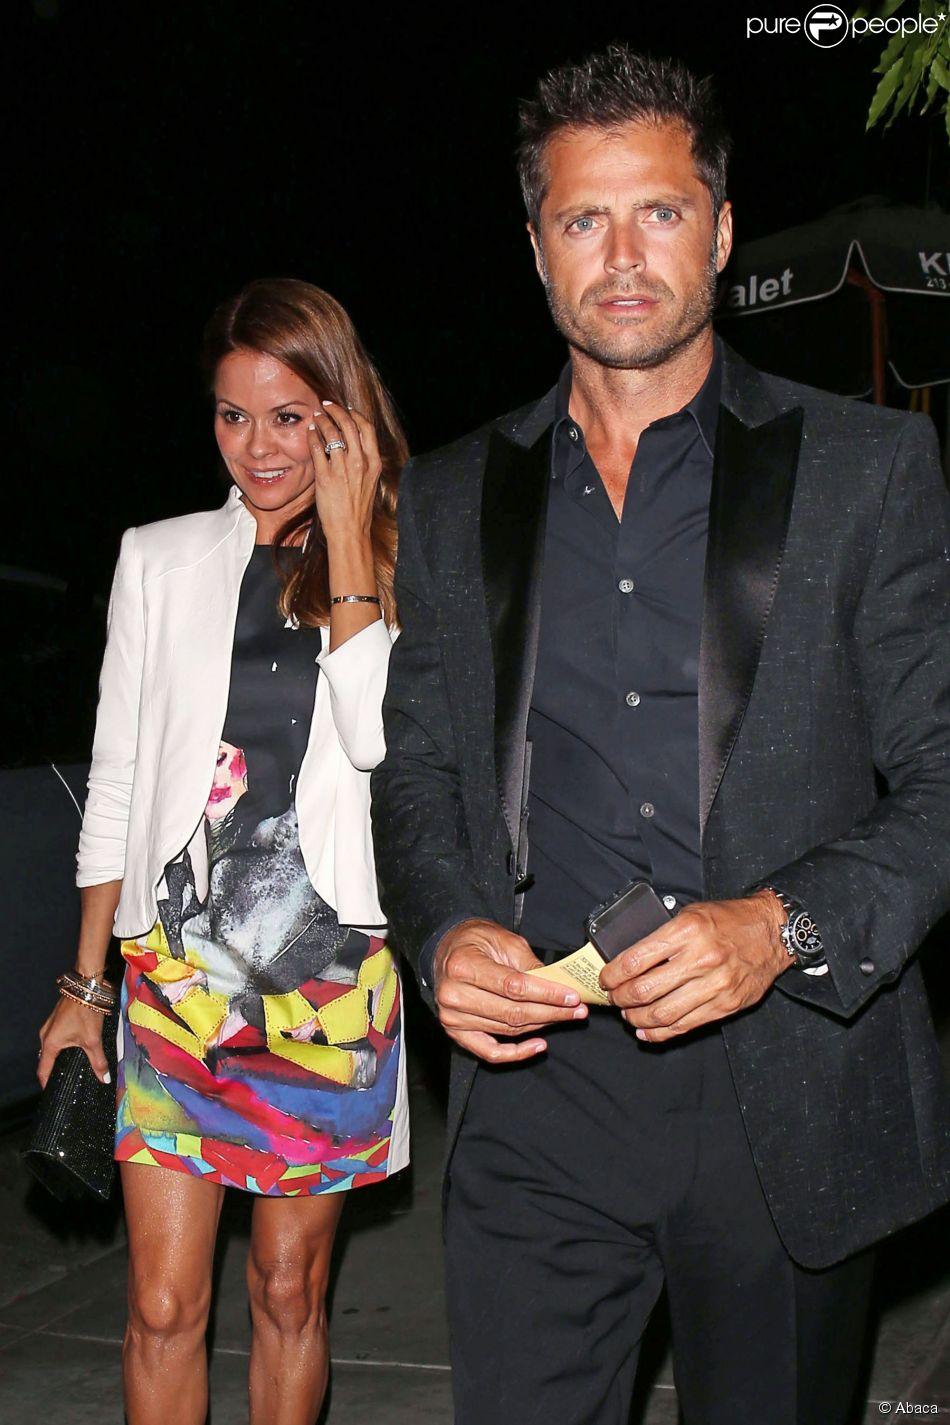 Brooke Burke-Charvet et son mari David Charvet lors de la soirée Chrome Hearts Collection Launch party à West Hollywood, Los Angeles, le 8 mai 2014.